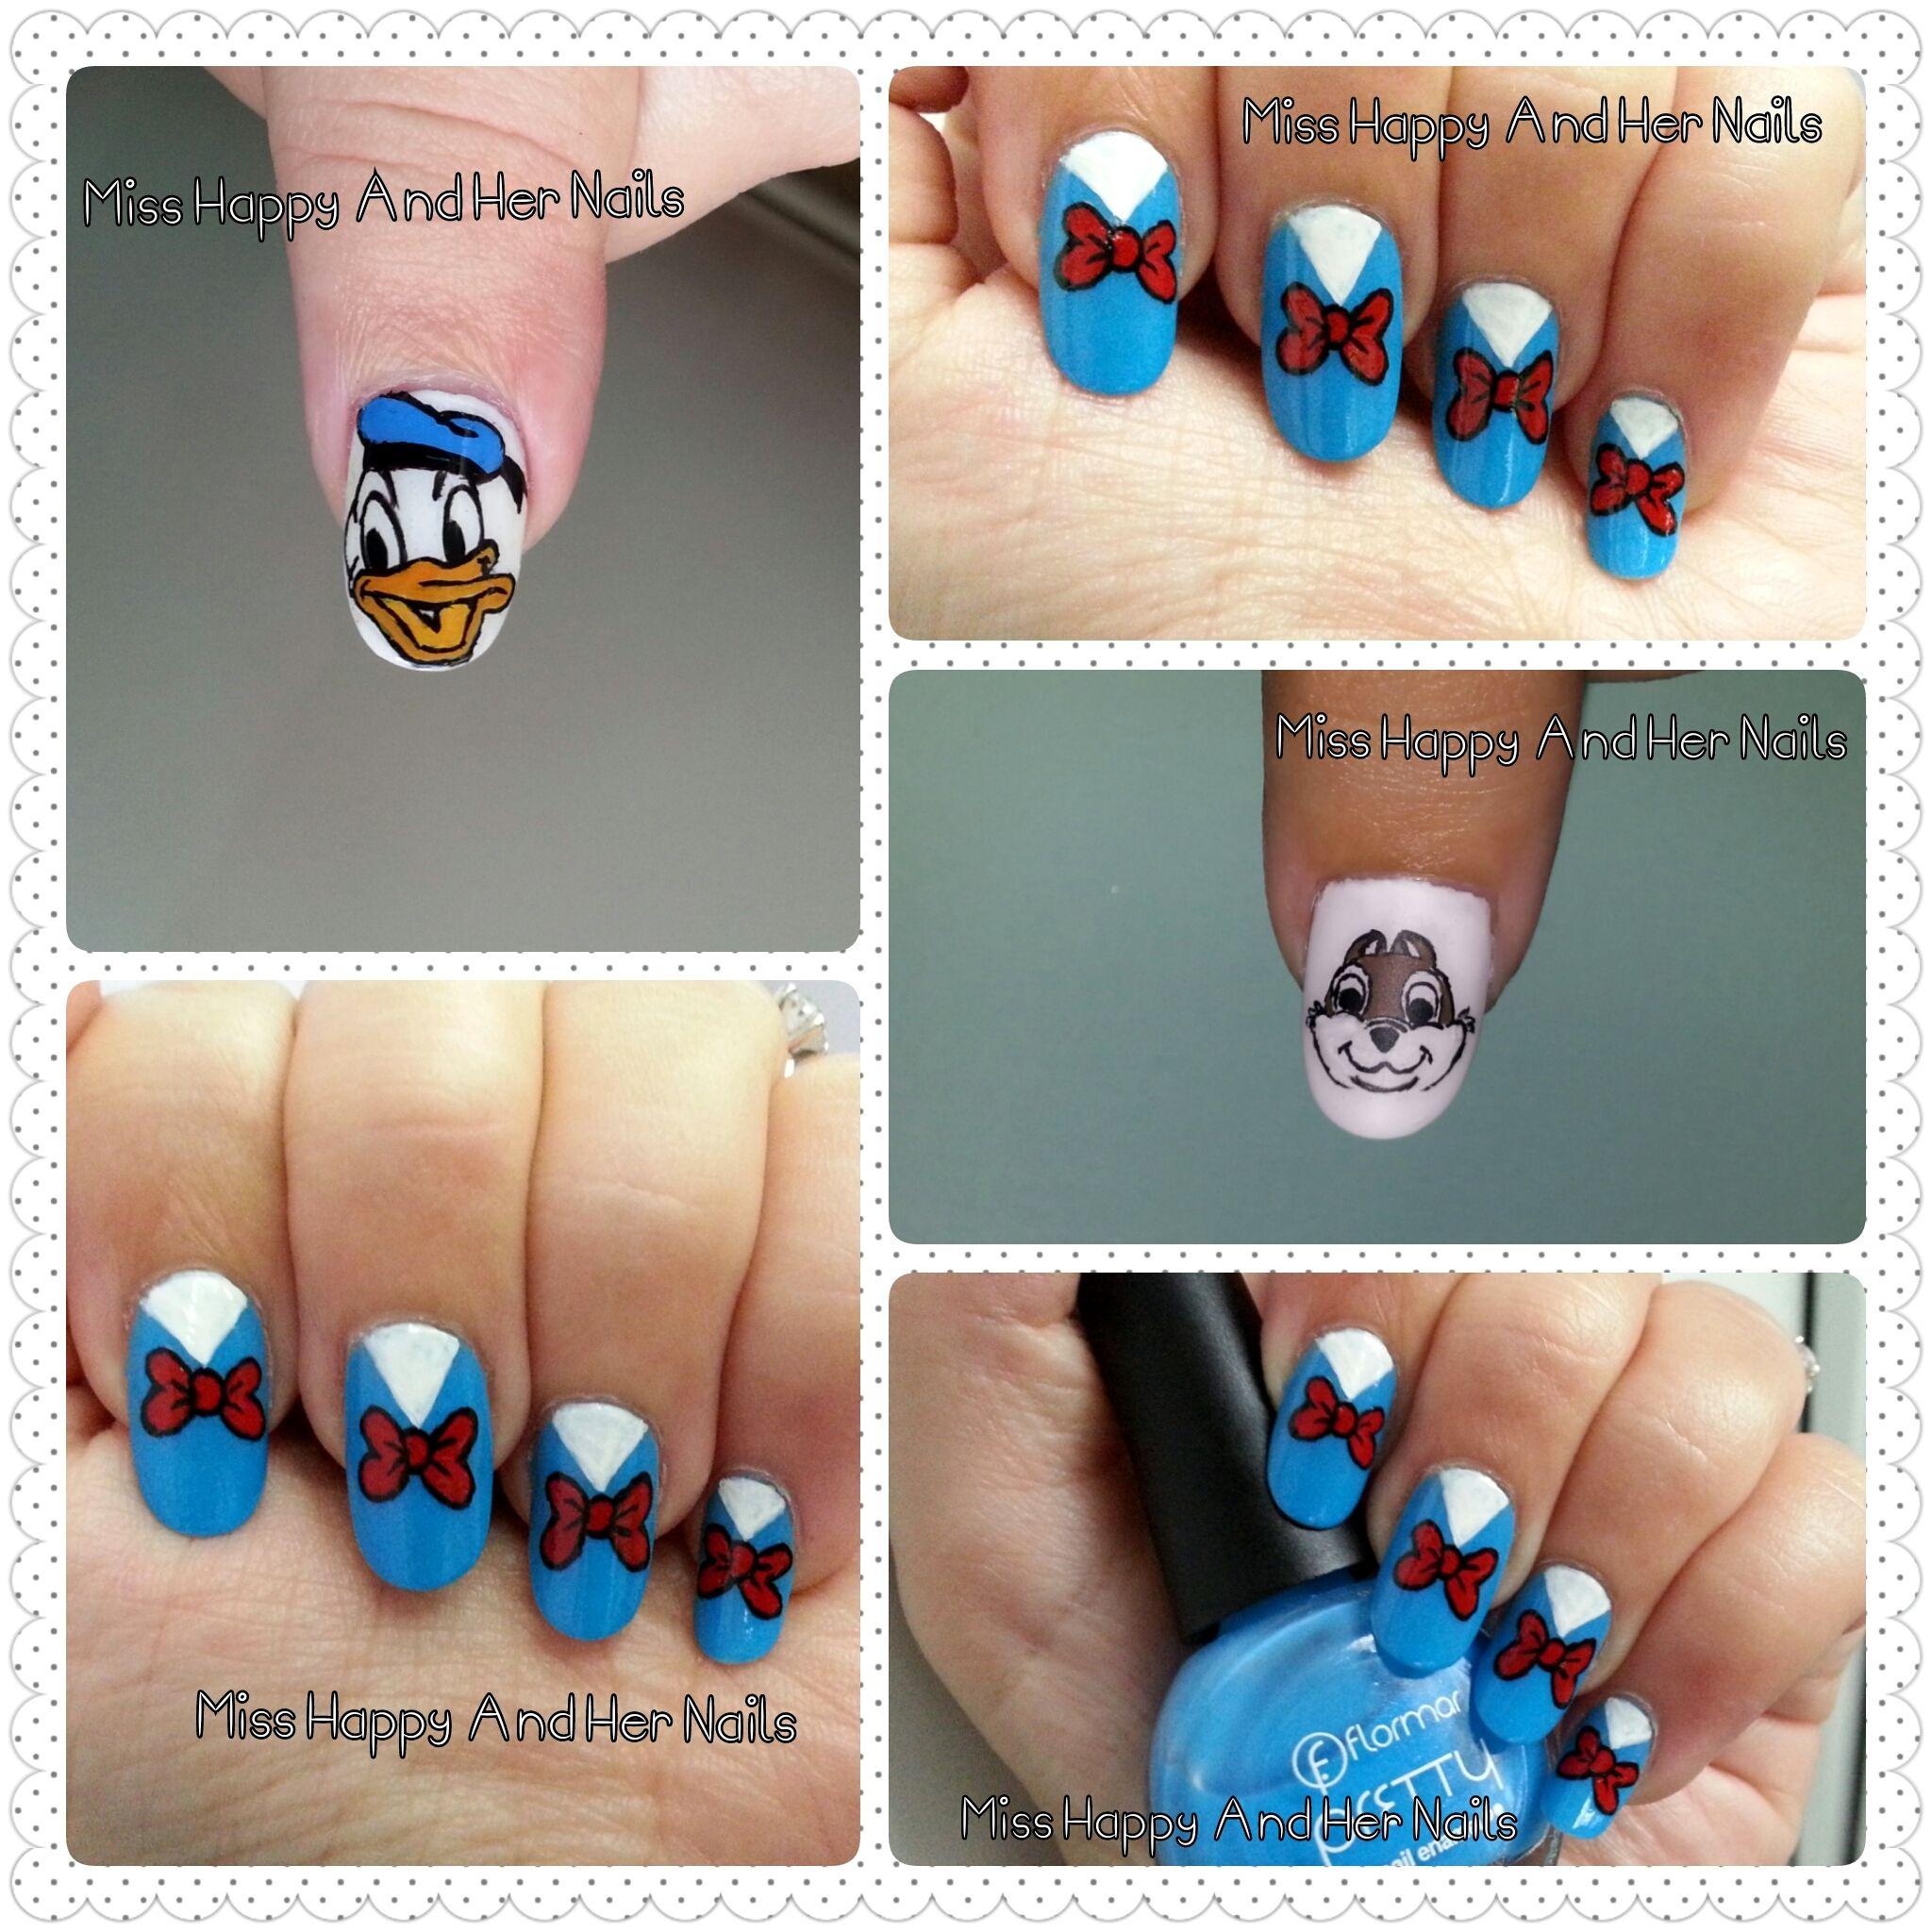 Cartoons nail art (Donald Duck) | nails | Pinterest | Donald duck ...